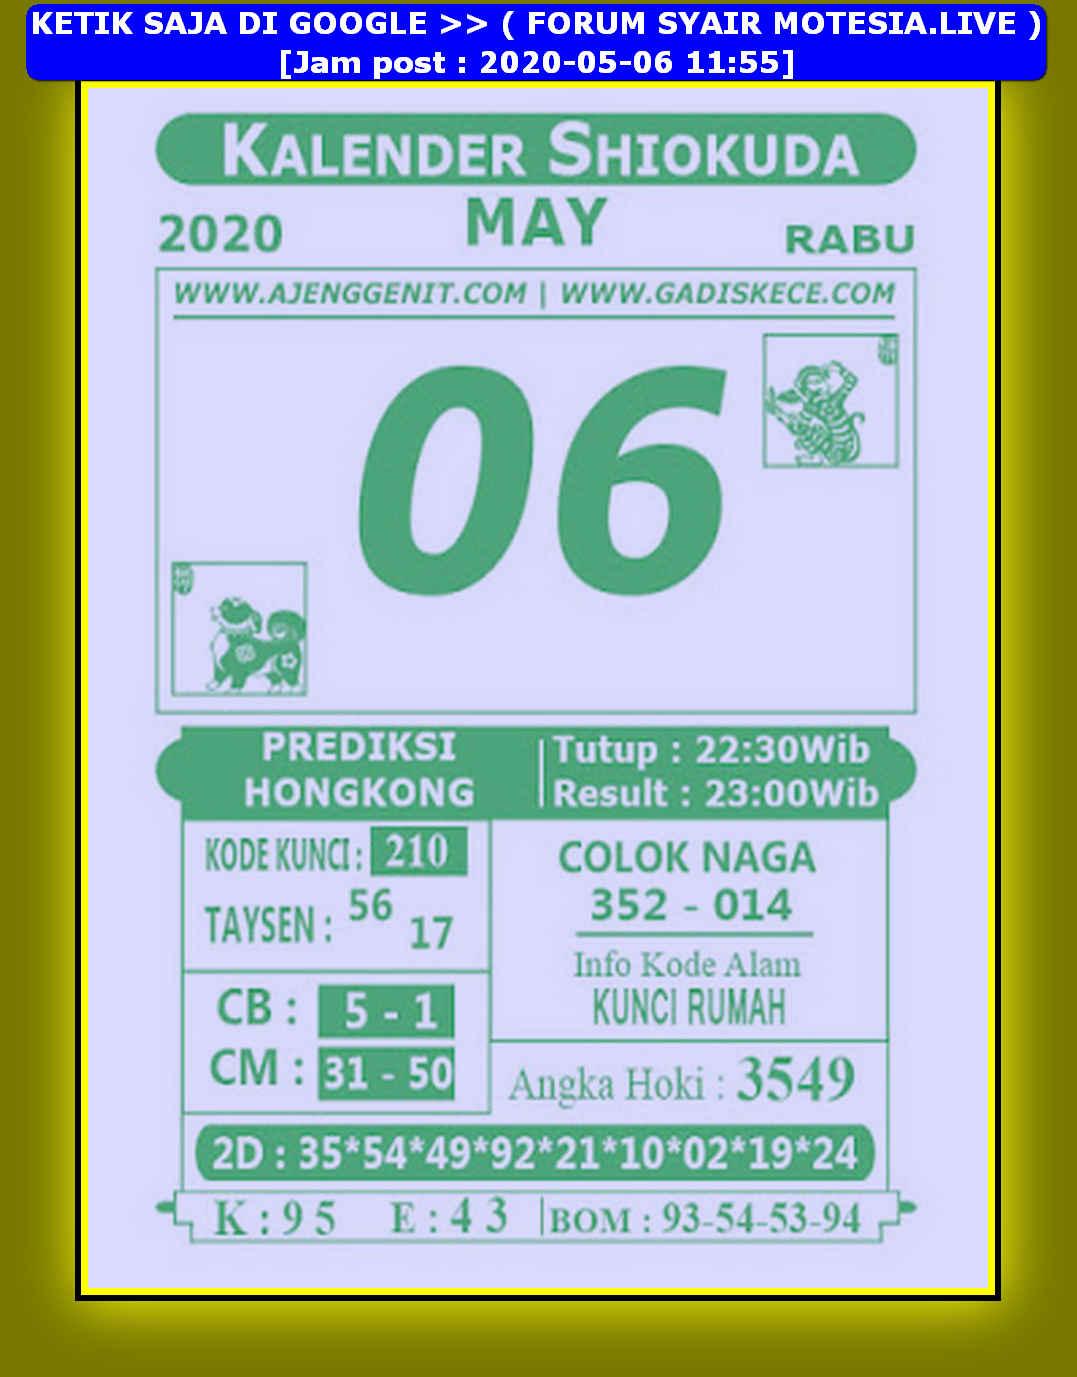 Kode syair Hongkong Rabu 6 Mei 2020 190